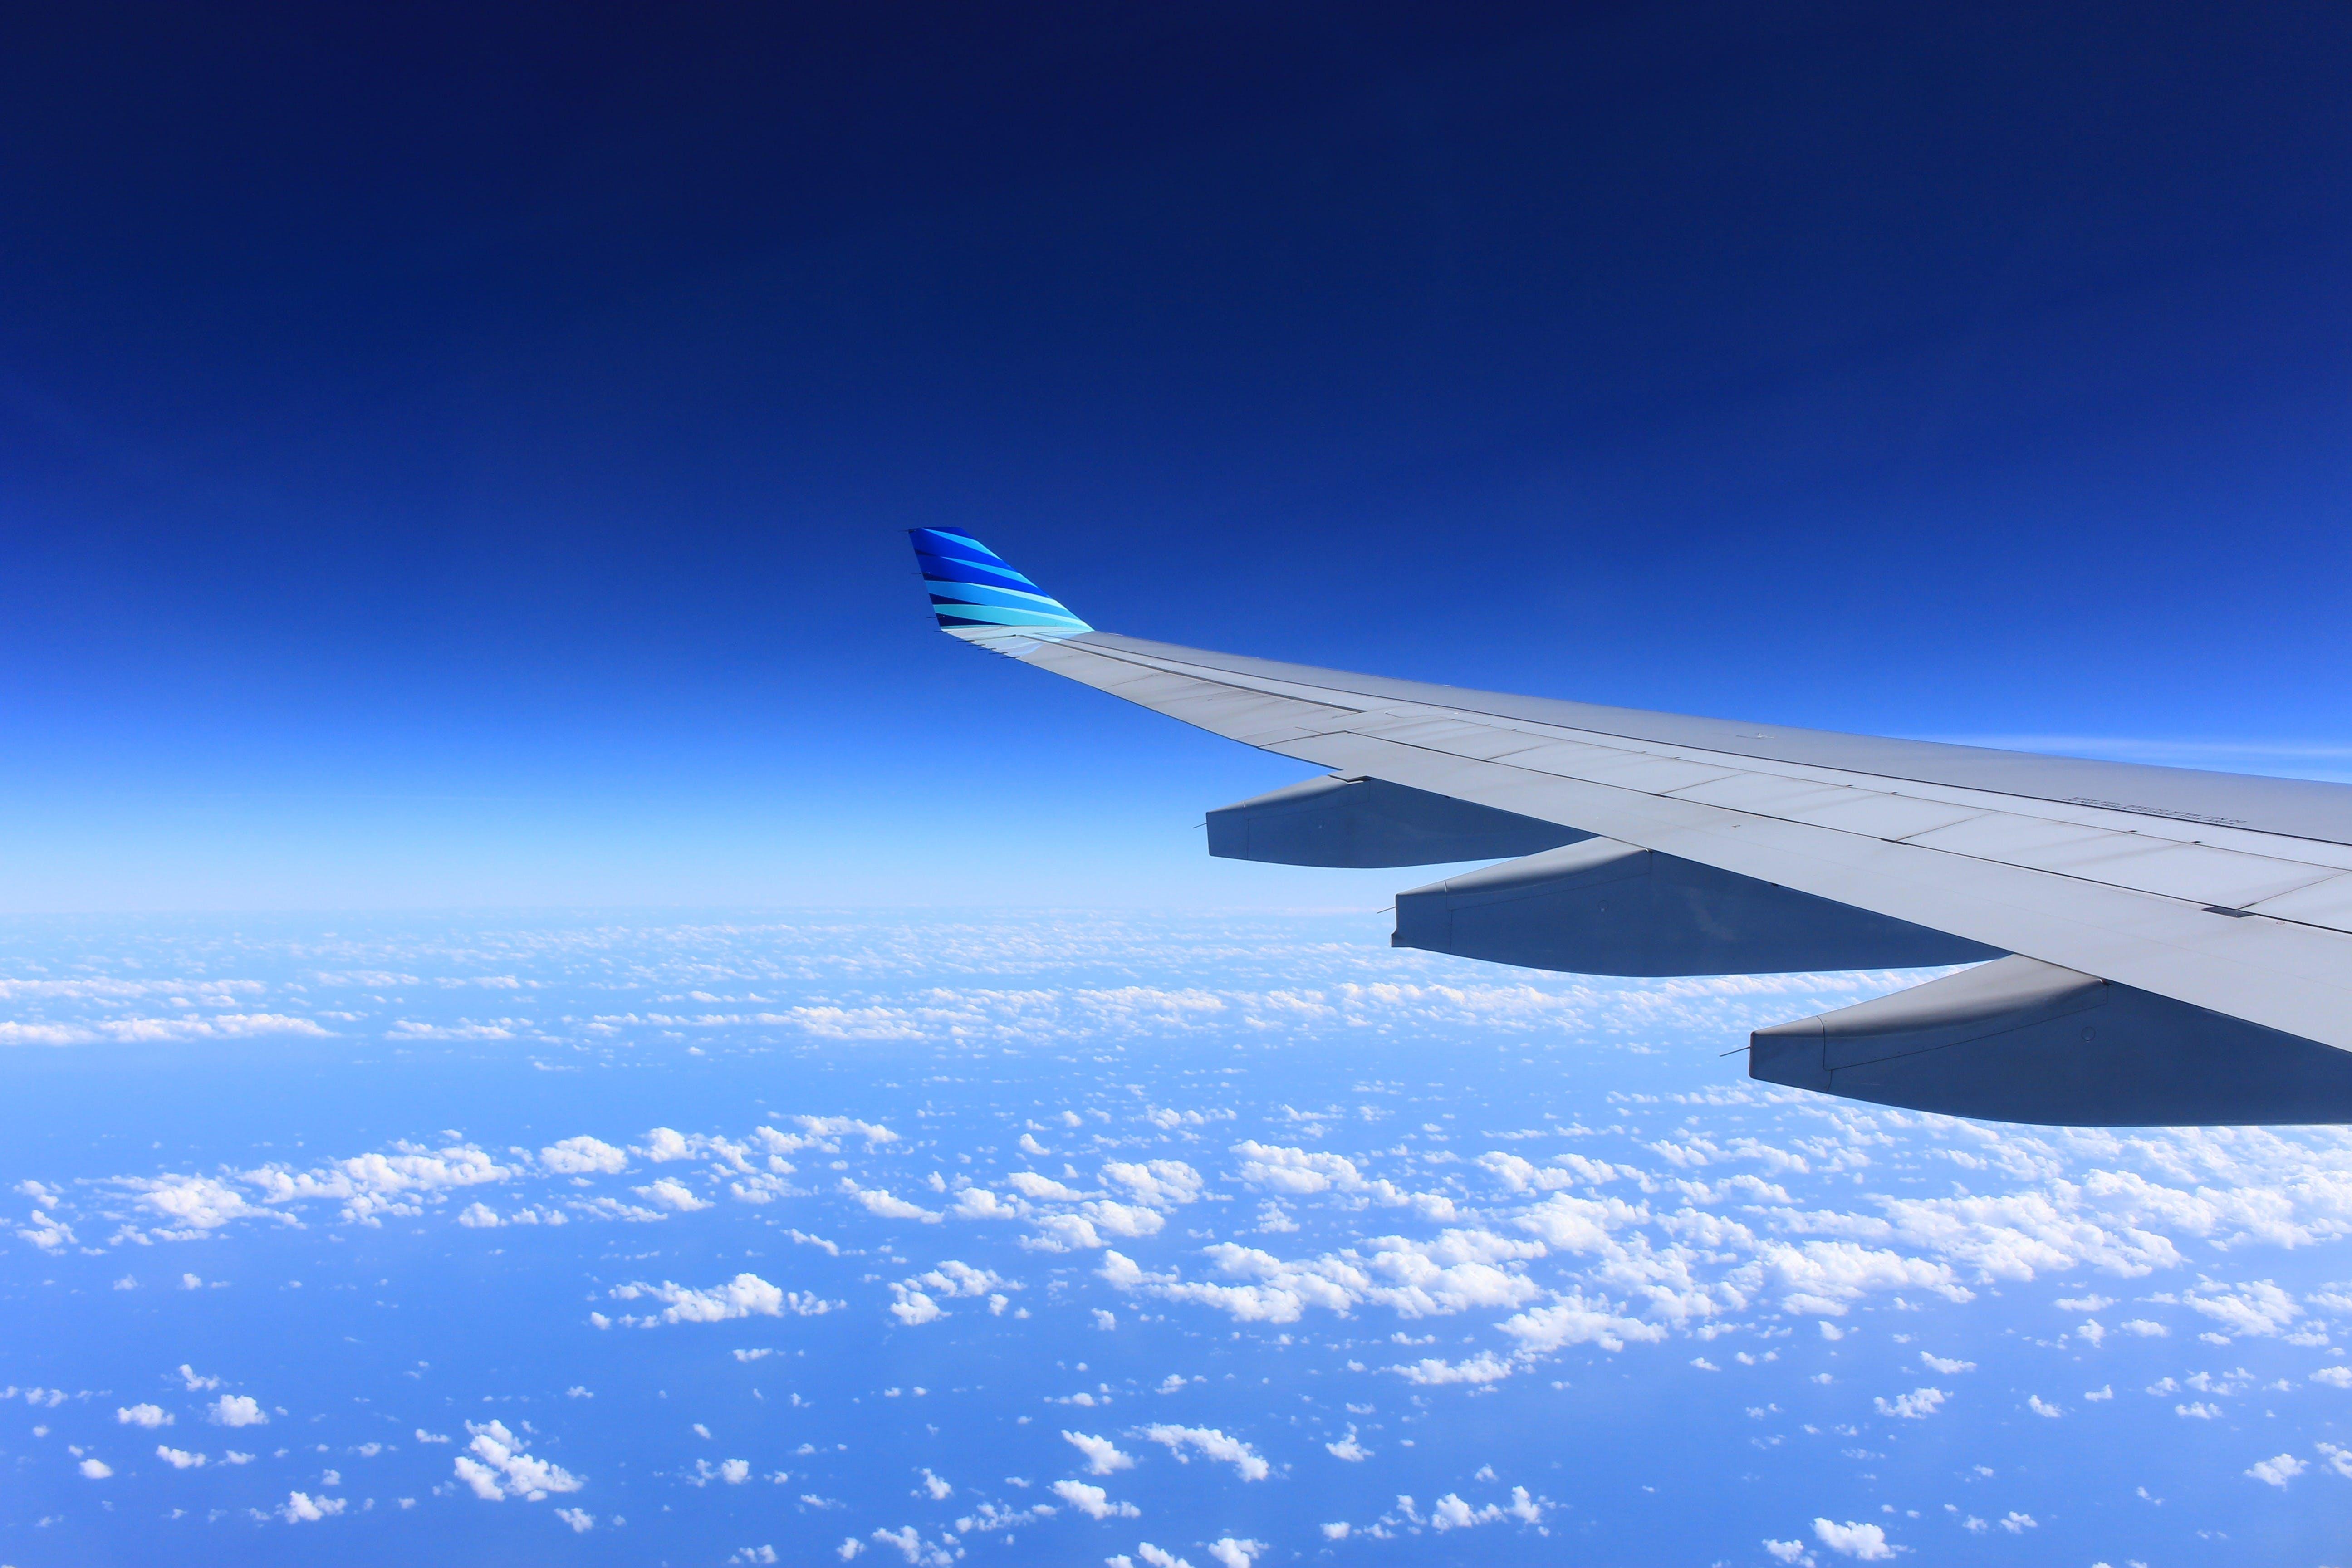 Gratis arkivbilde med fly, flyging, flyvinge, himmel